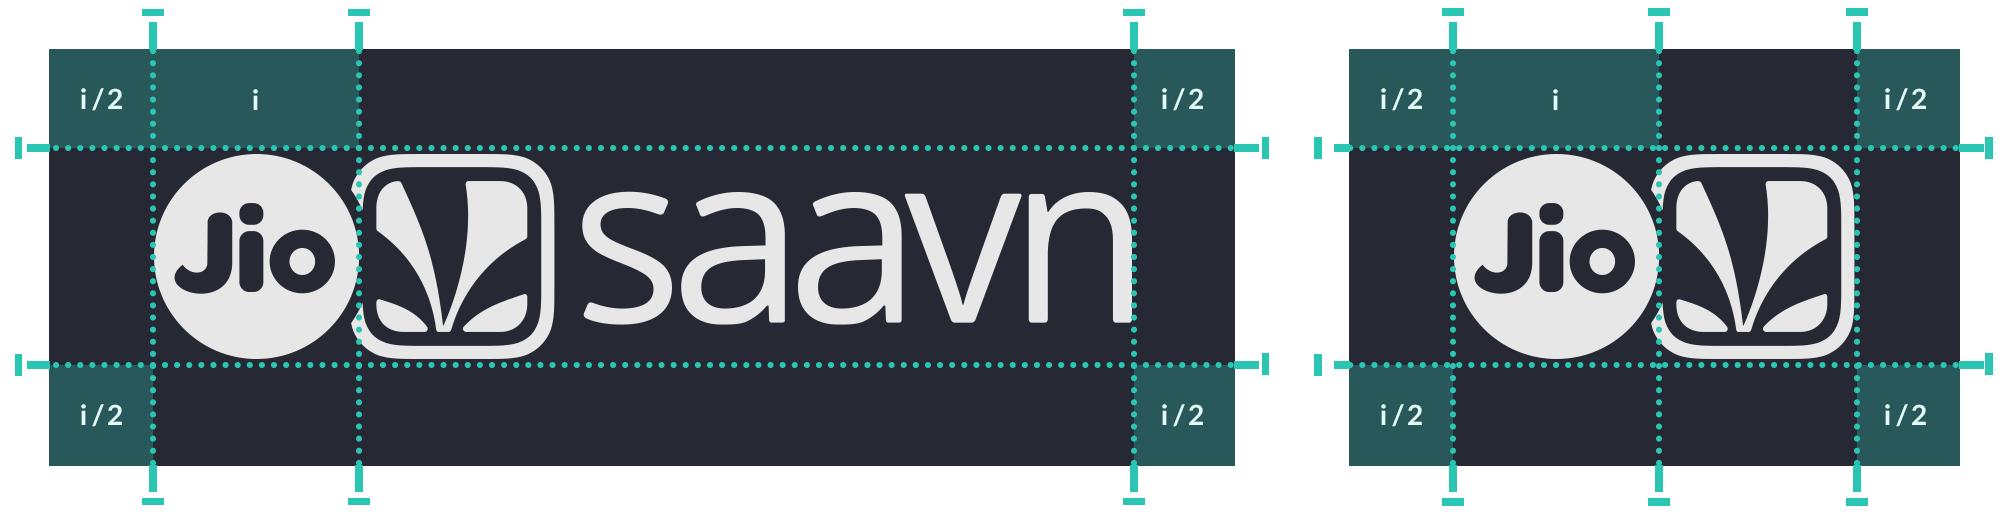 brand guide logos saavn